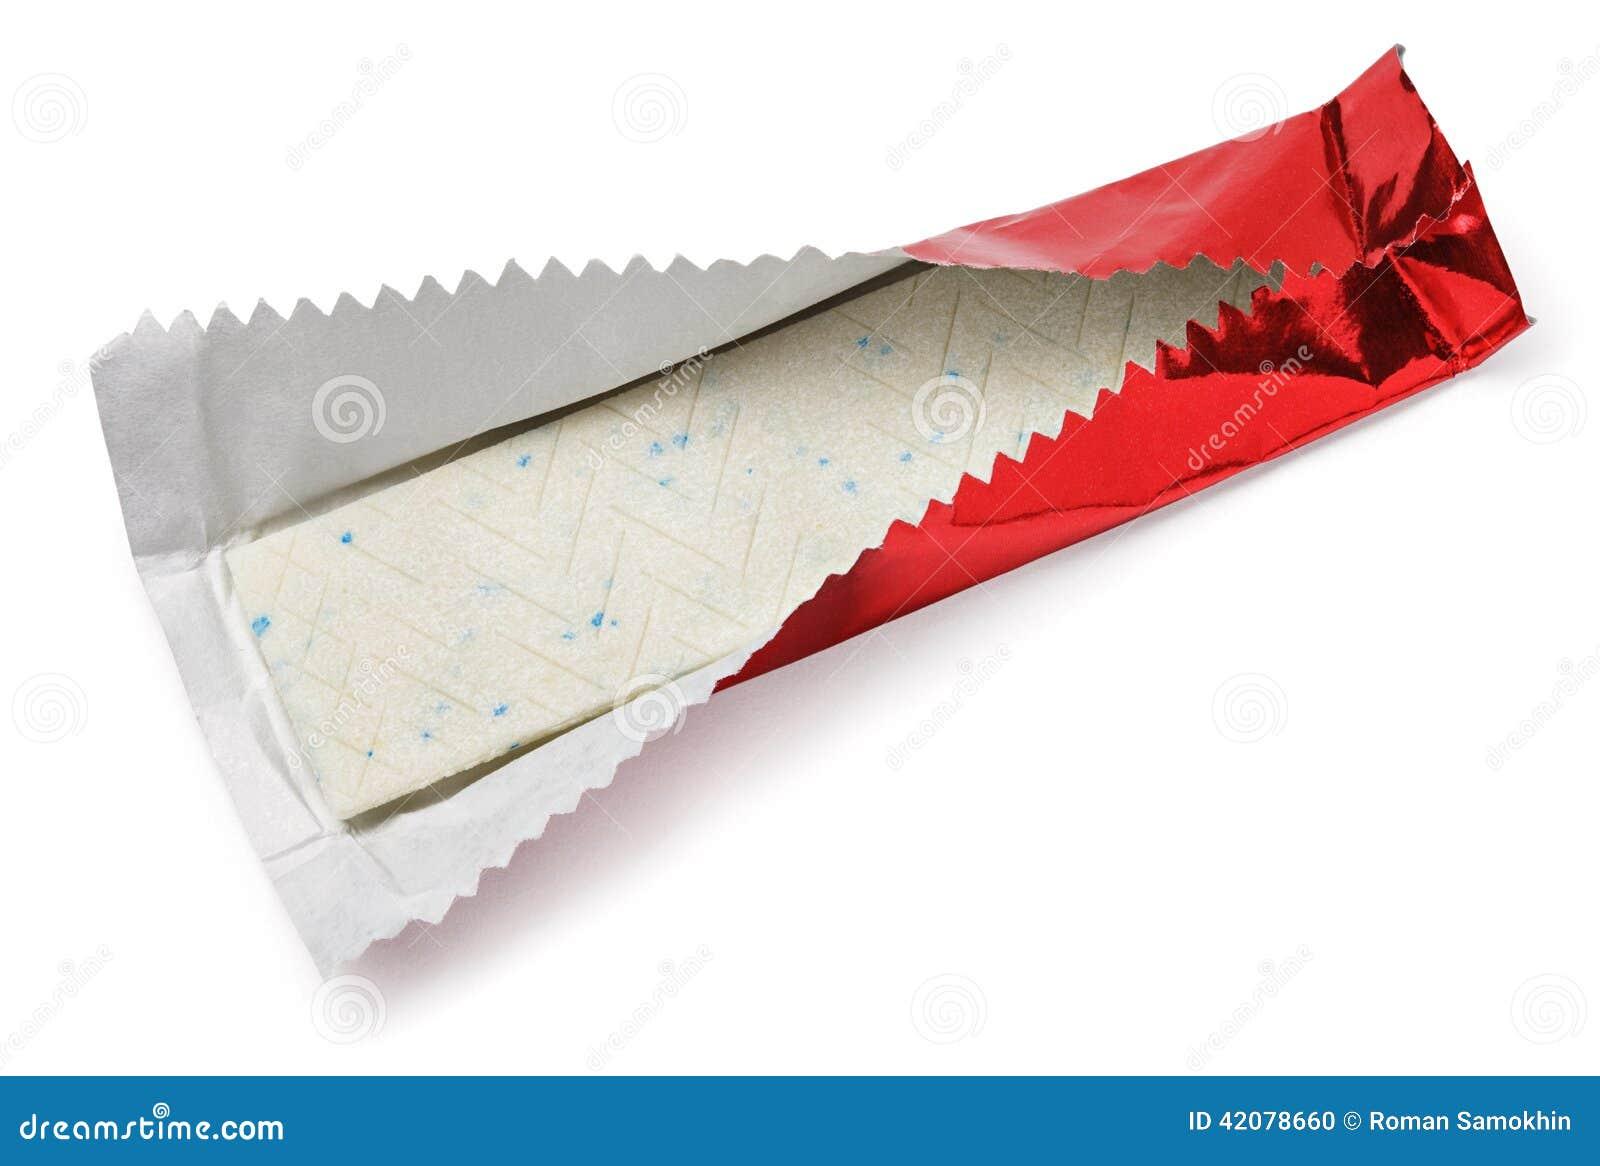 Plat de chewing gum dans l 39 aluminium rouge sur le blanc photo stock image 42078660 - Comment enlever du chewing gum sur du tissu ...